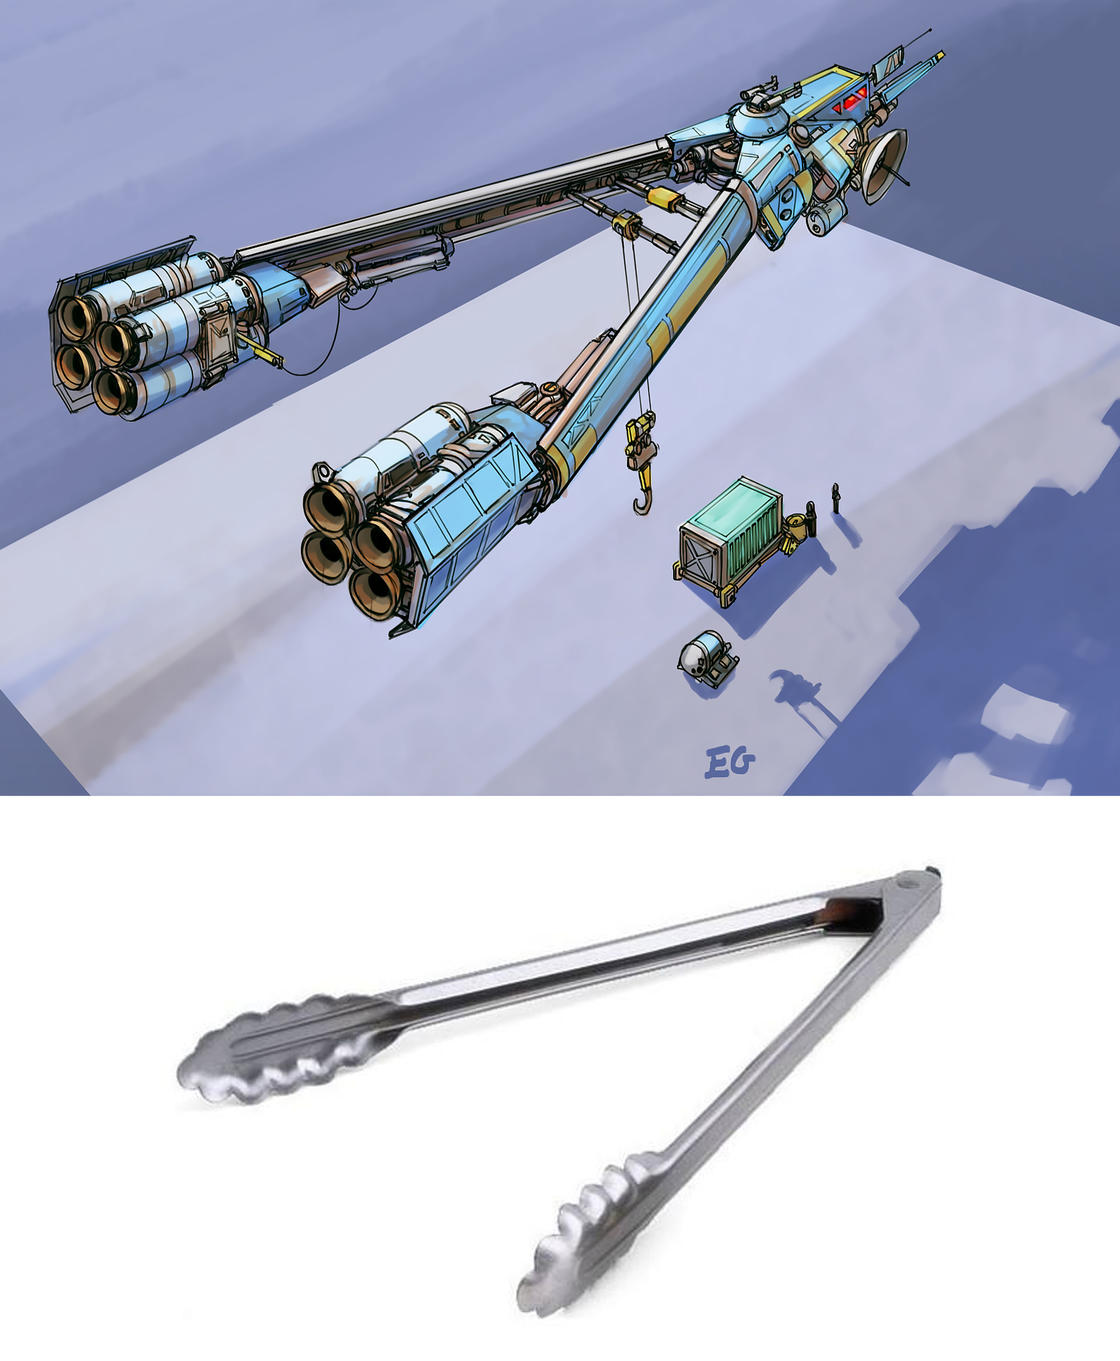 Cet illustrateur transforme les objets du quotidien en vaisseaux futuristes